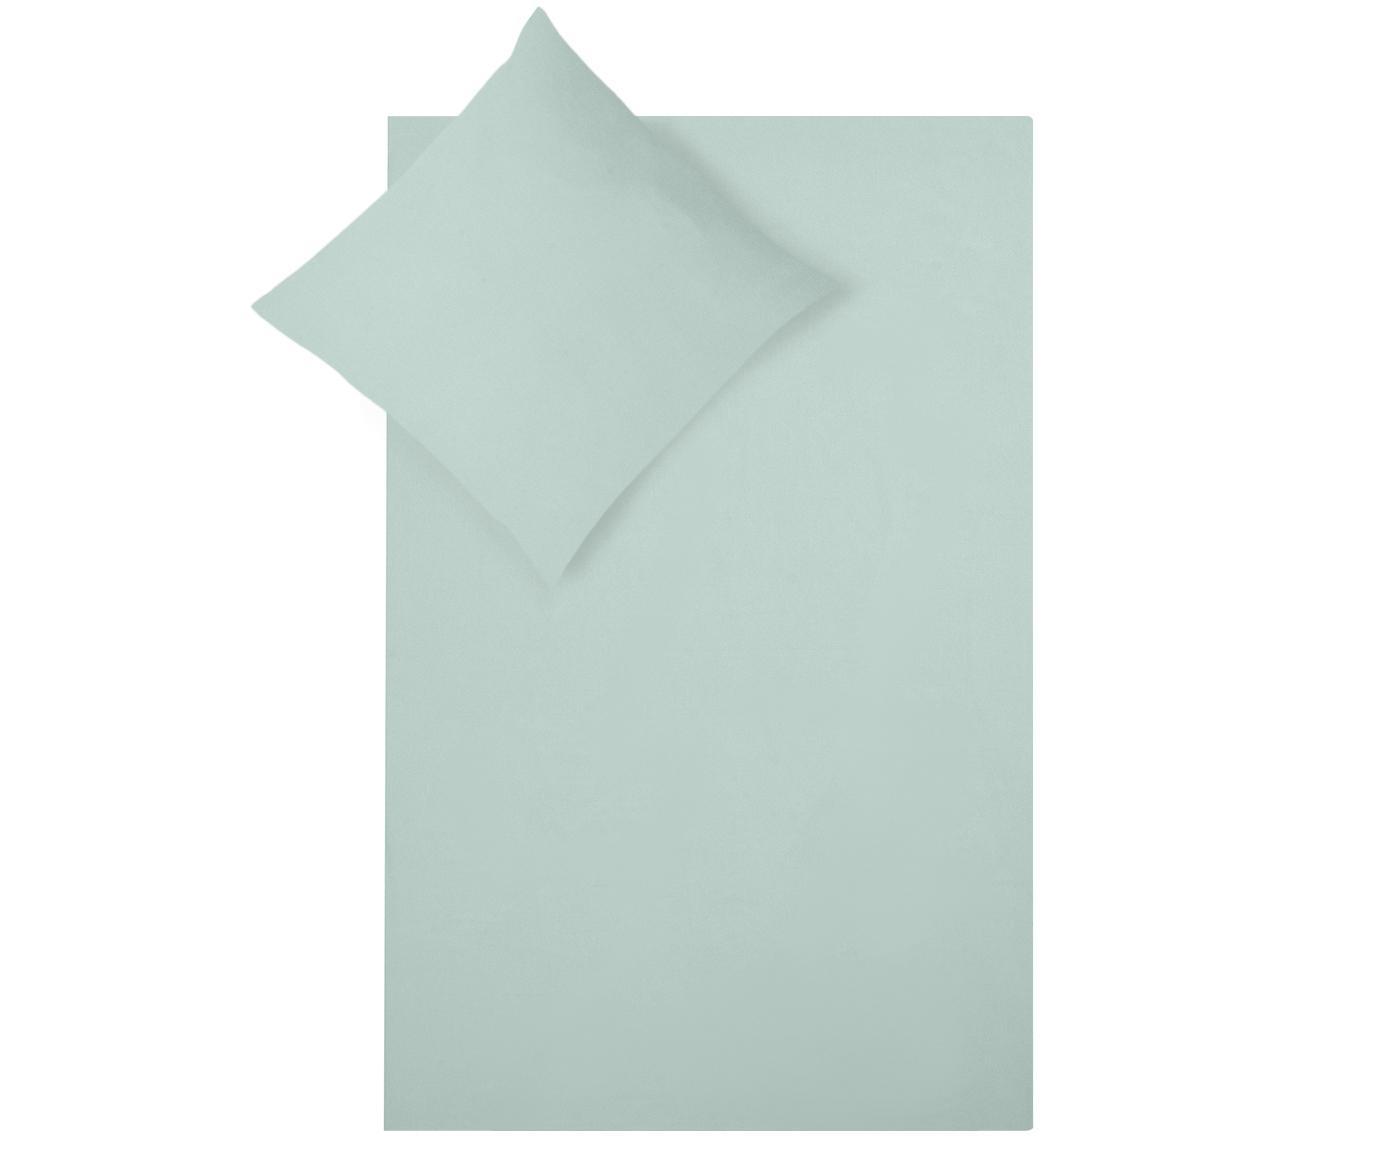 Pościel z flaneli Biba, Zielony miętowy, 135 x 200 cm